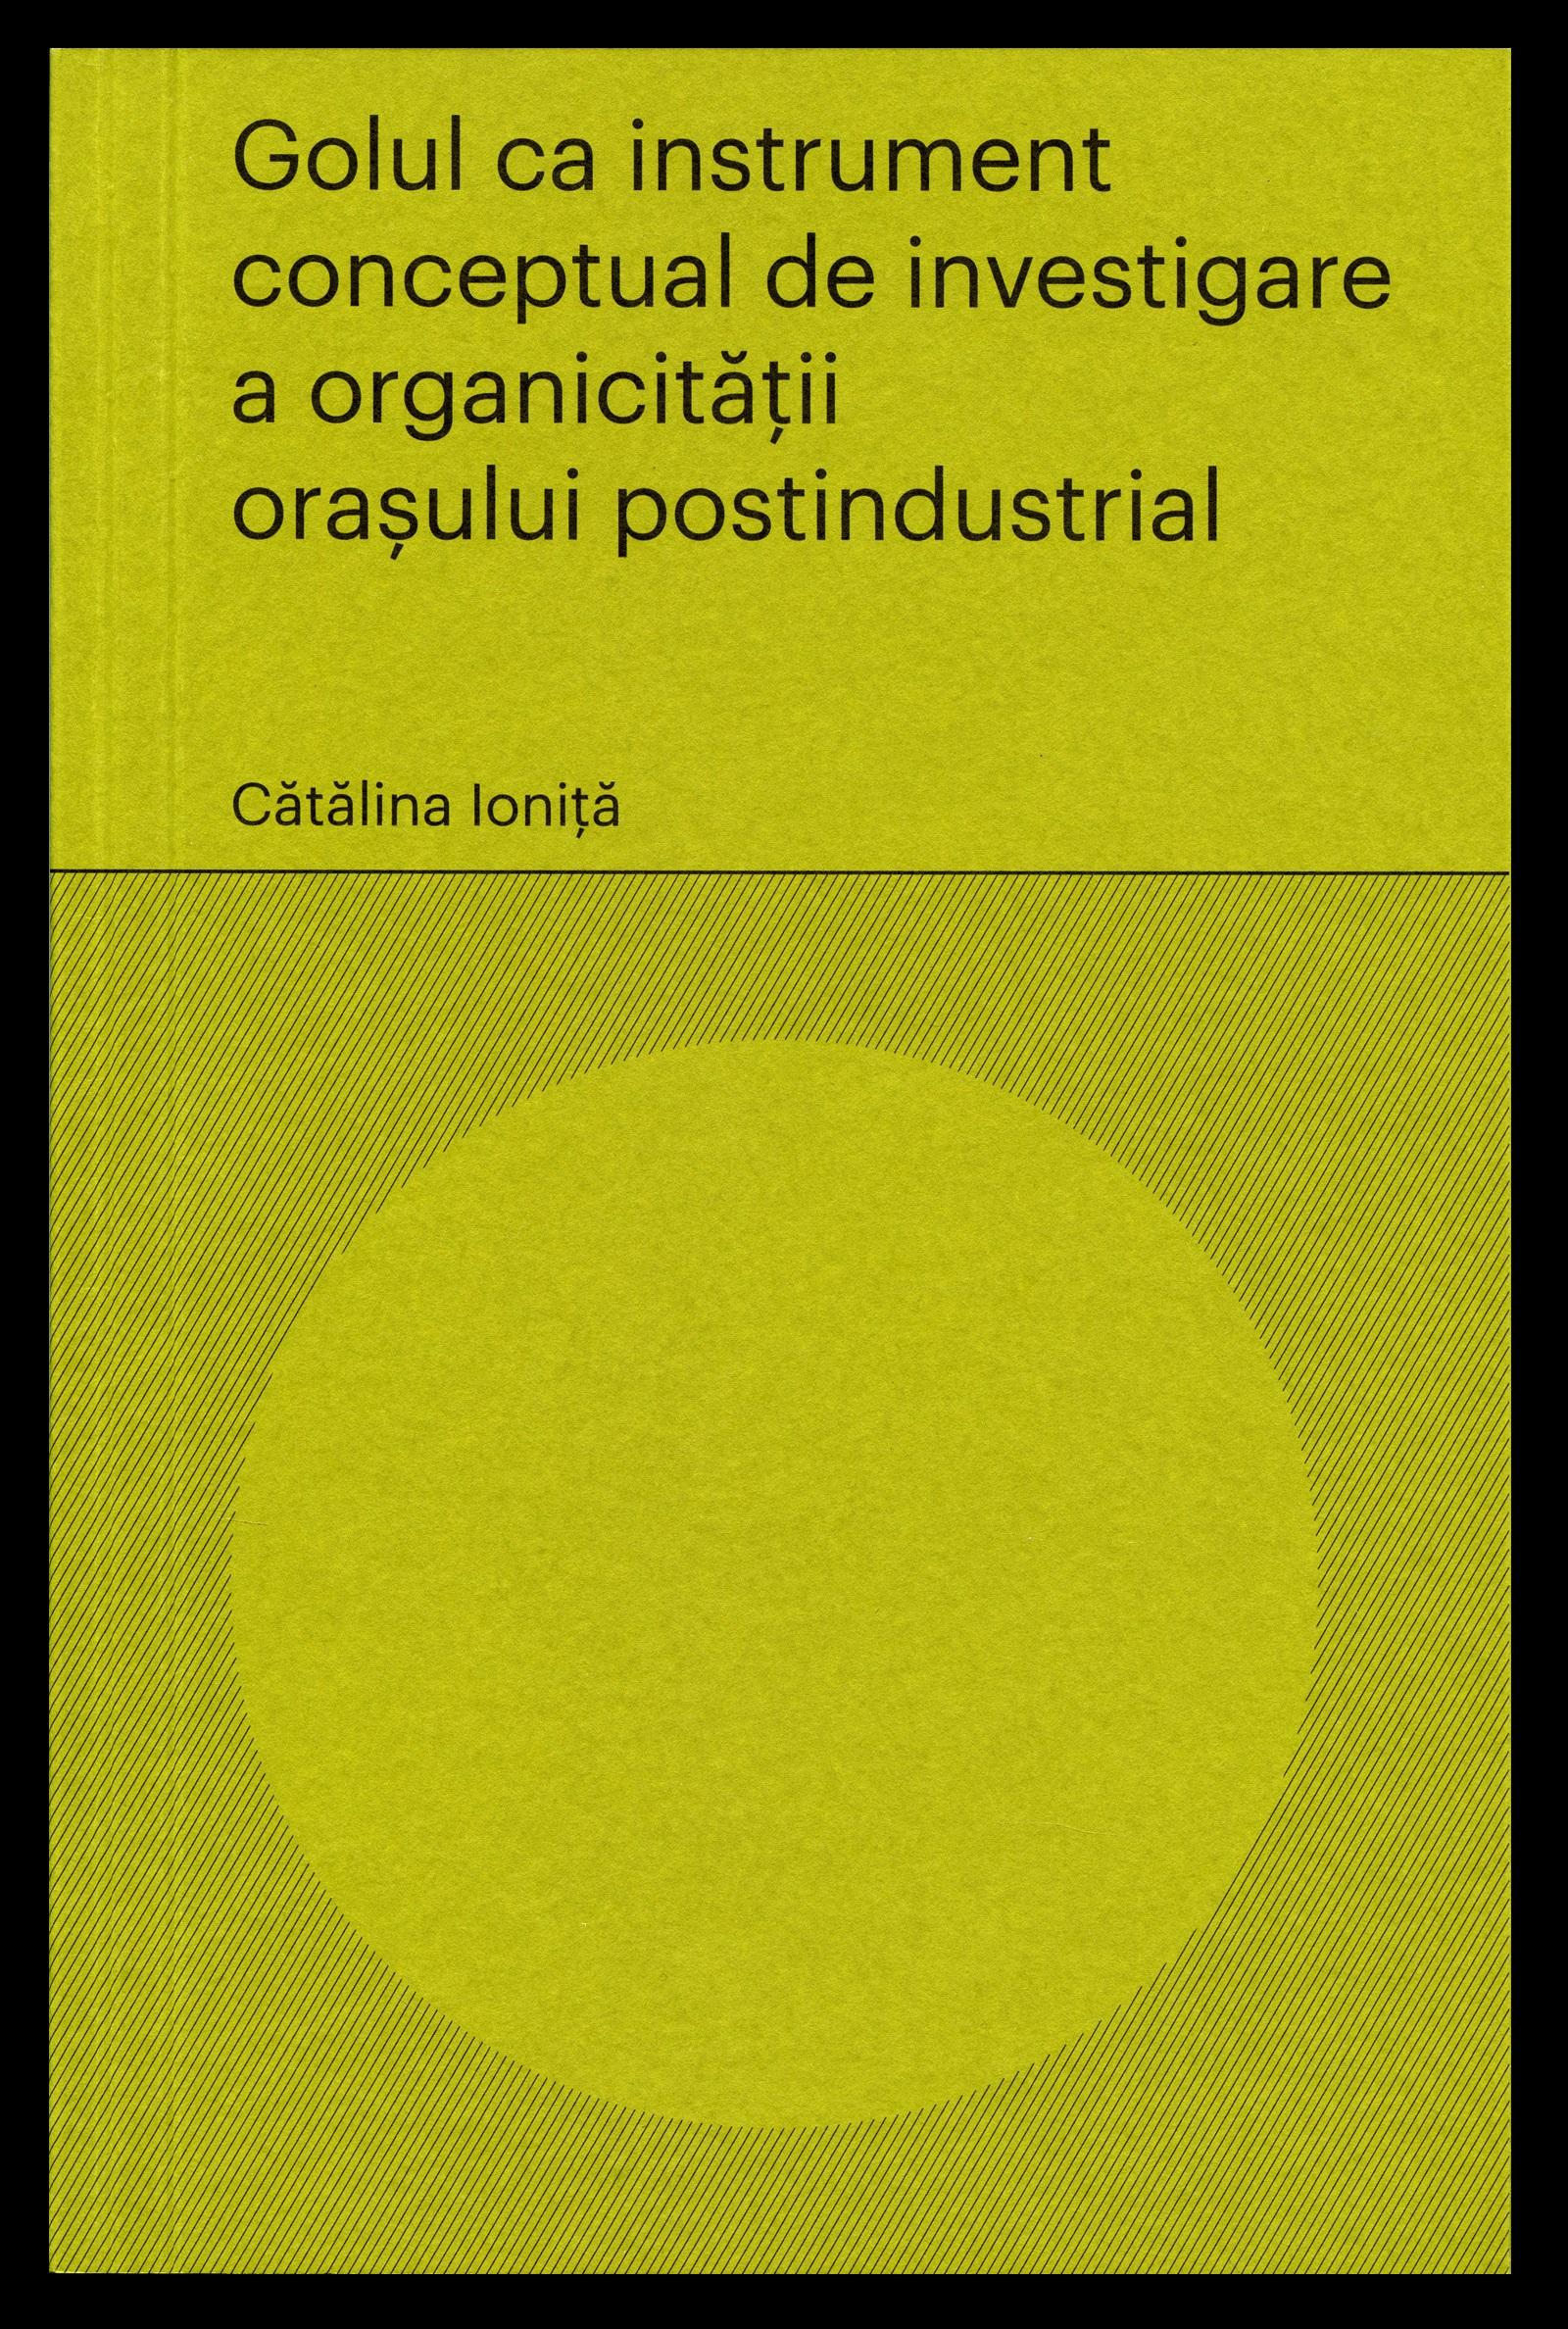 Golul ca instrument conceptual de investigare a organicitatii orasului postindustrial